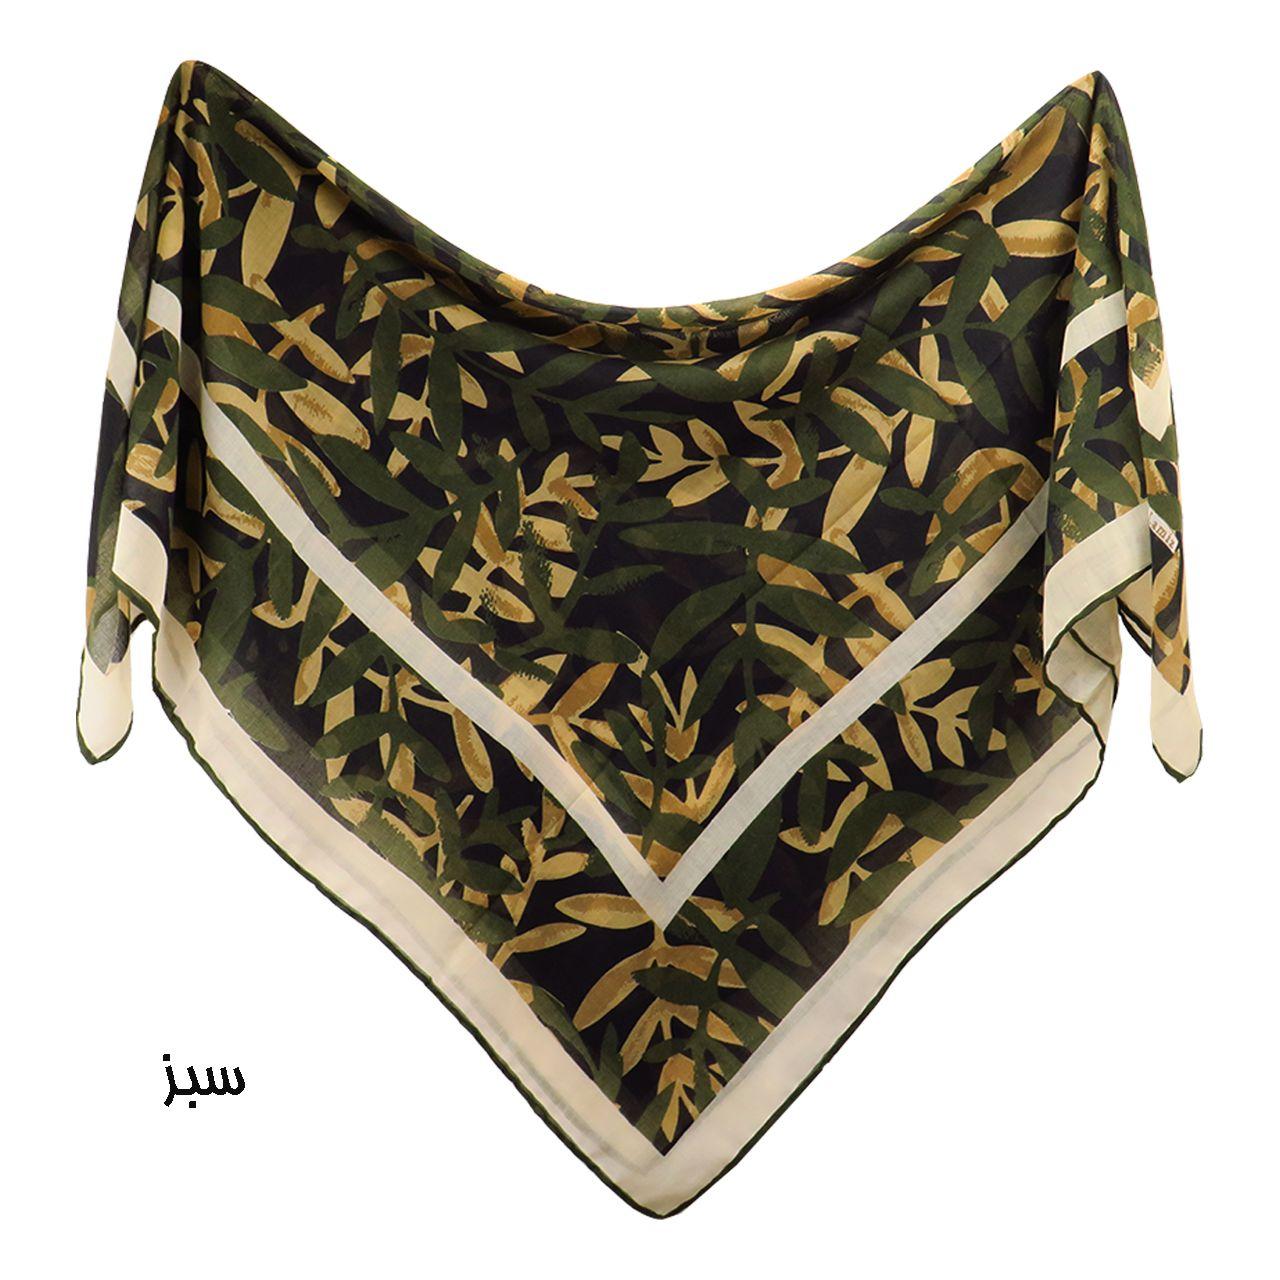 روسری زنانه لمیز مدل برگ  -  - 4